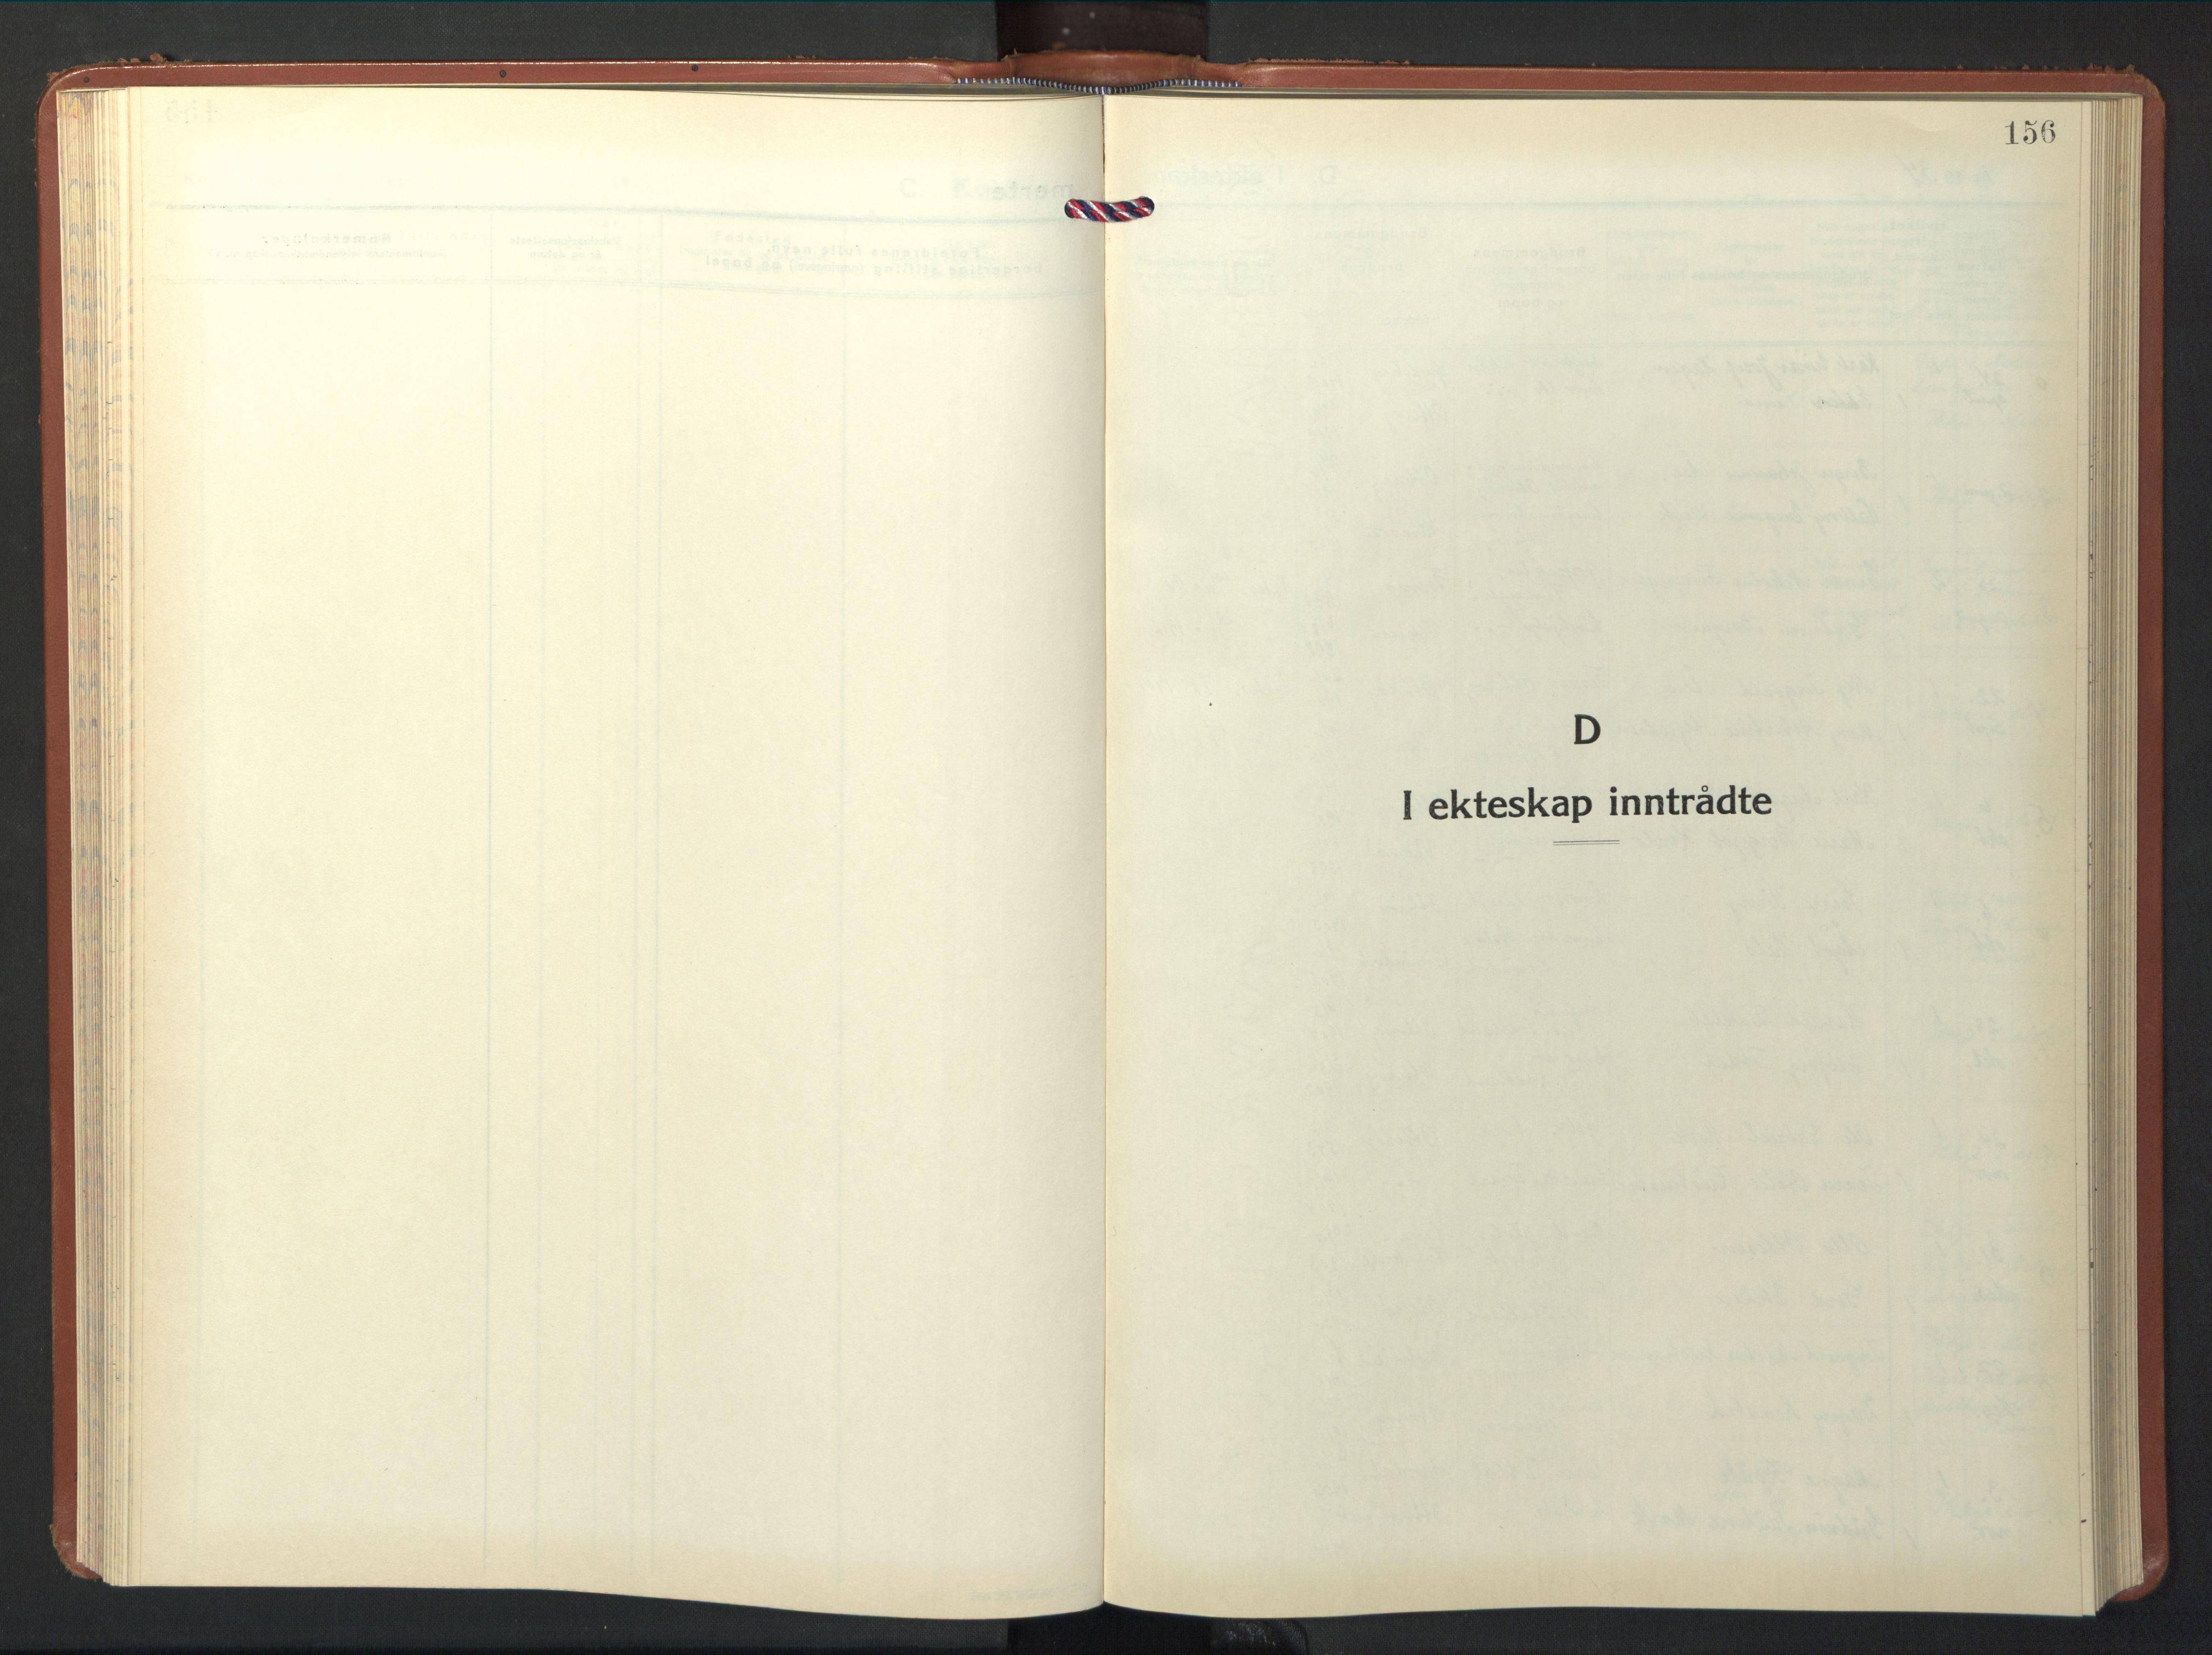 SAT, Ministerialprotokoller, klokkerbøker og fødselsregistre - Nord-Trøndelag, 774/L0631: Klokkerbok nr. 774C02, 1934-1950, s. 156